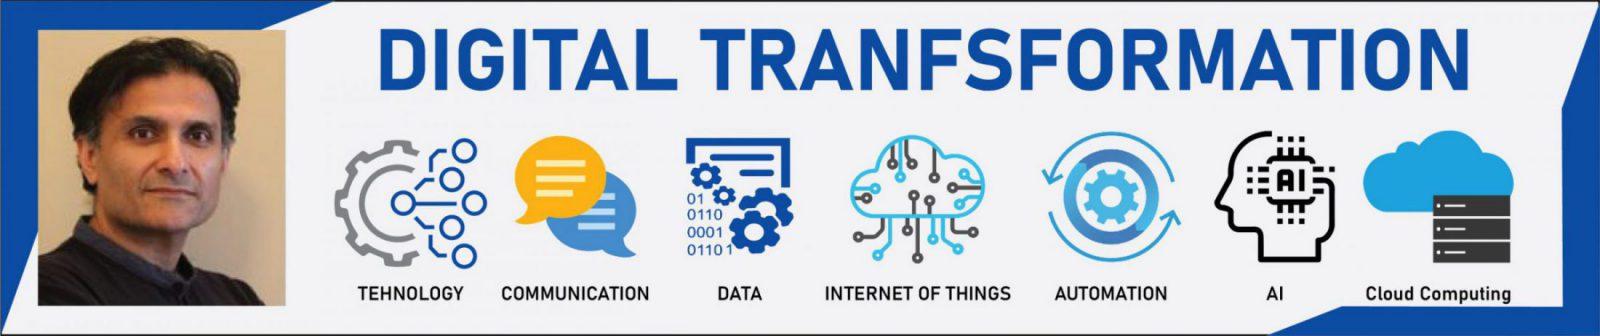 DigitalFawad.com